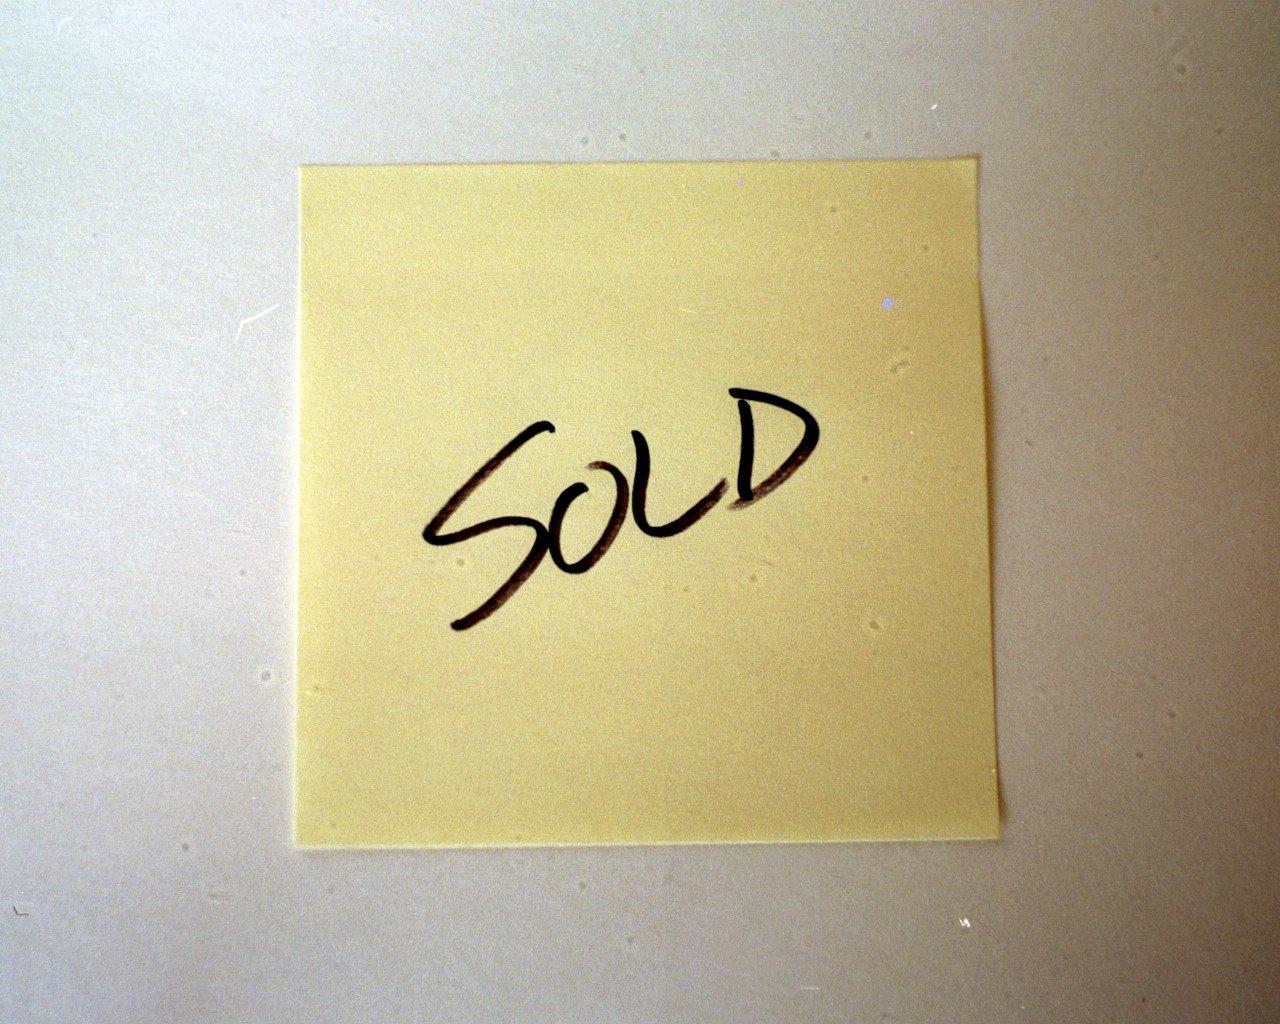 Item sold